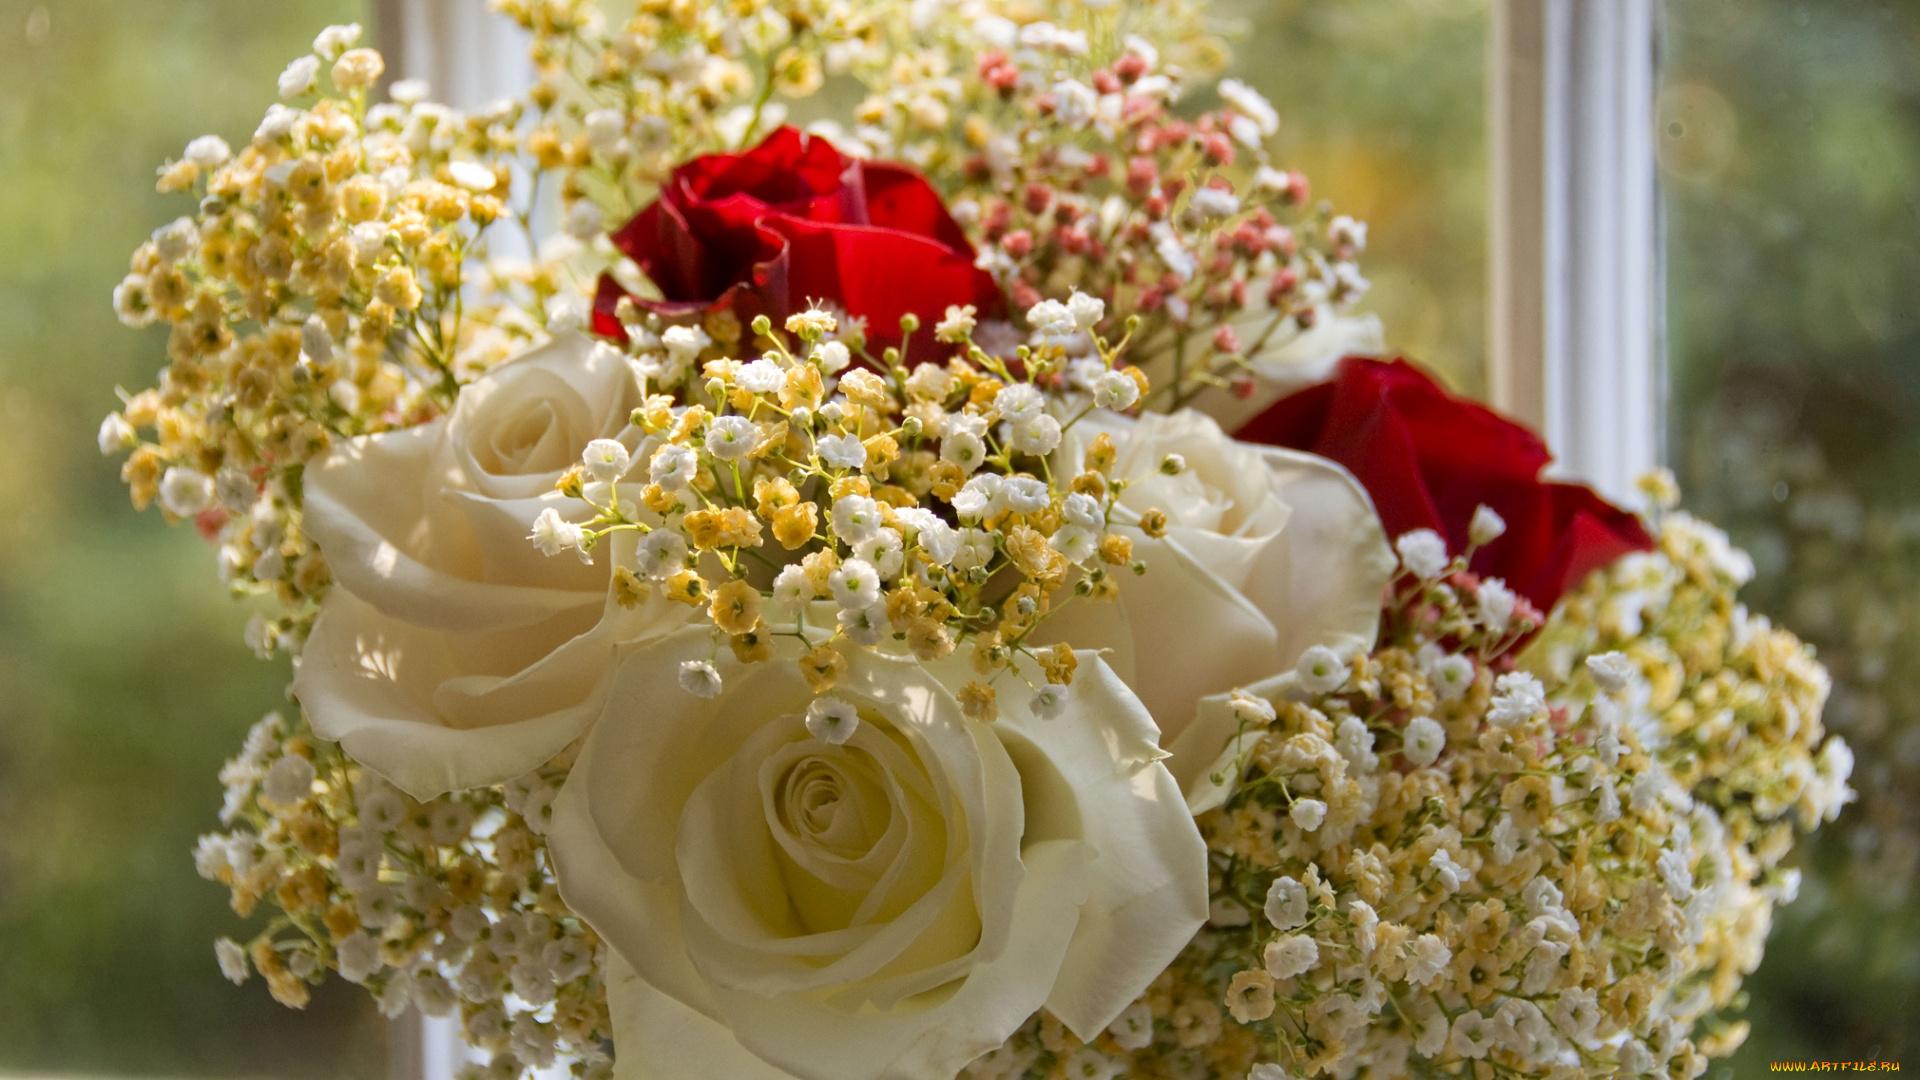 Картинки, открытки цветы розы с гипсофилами